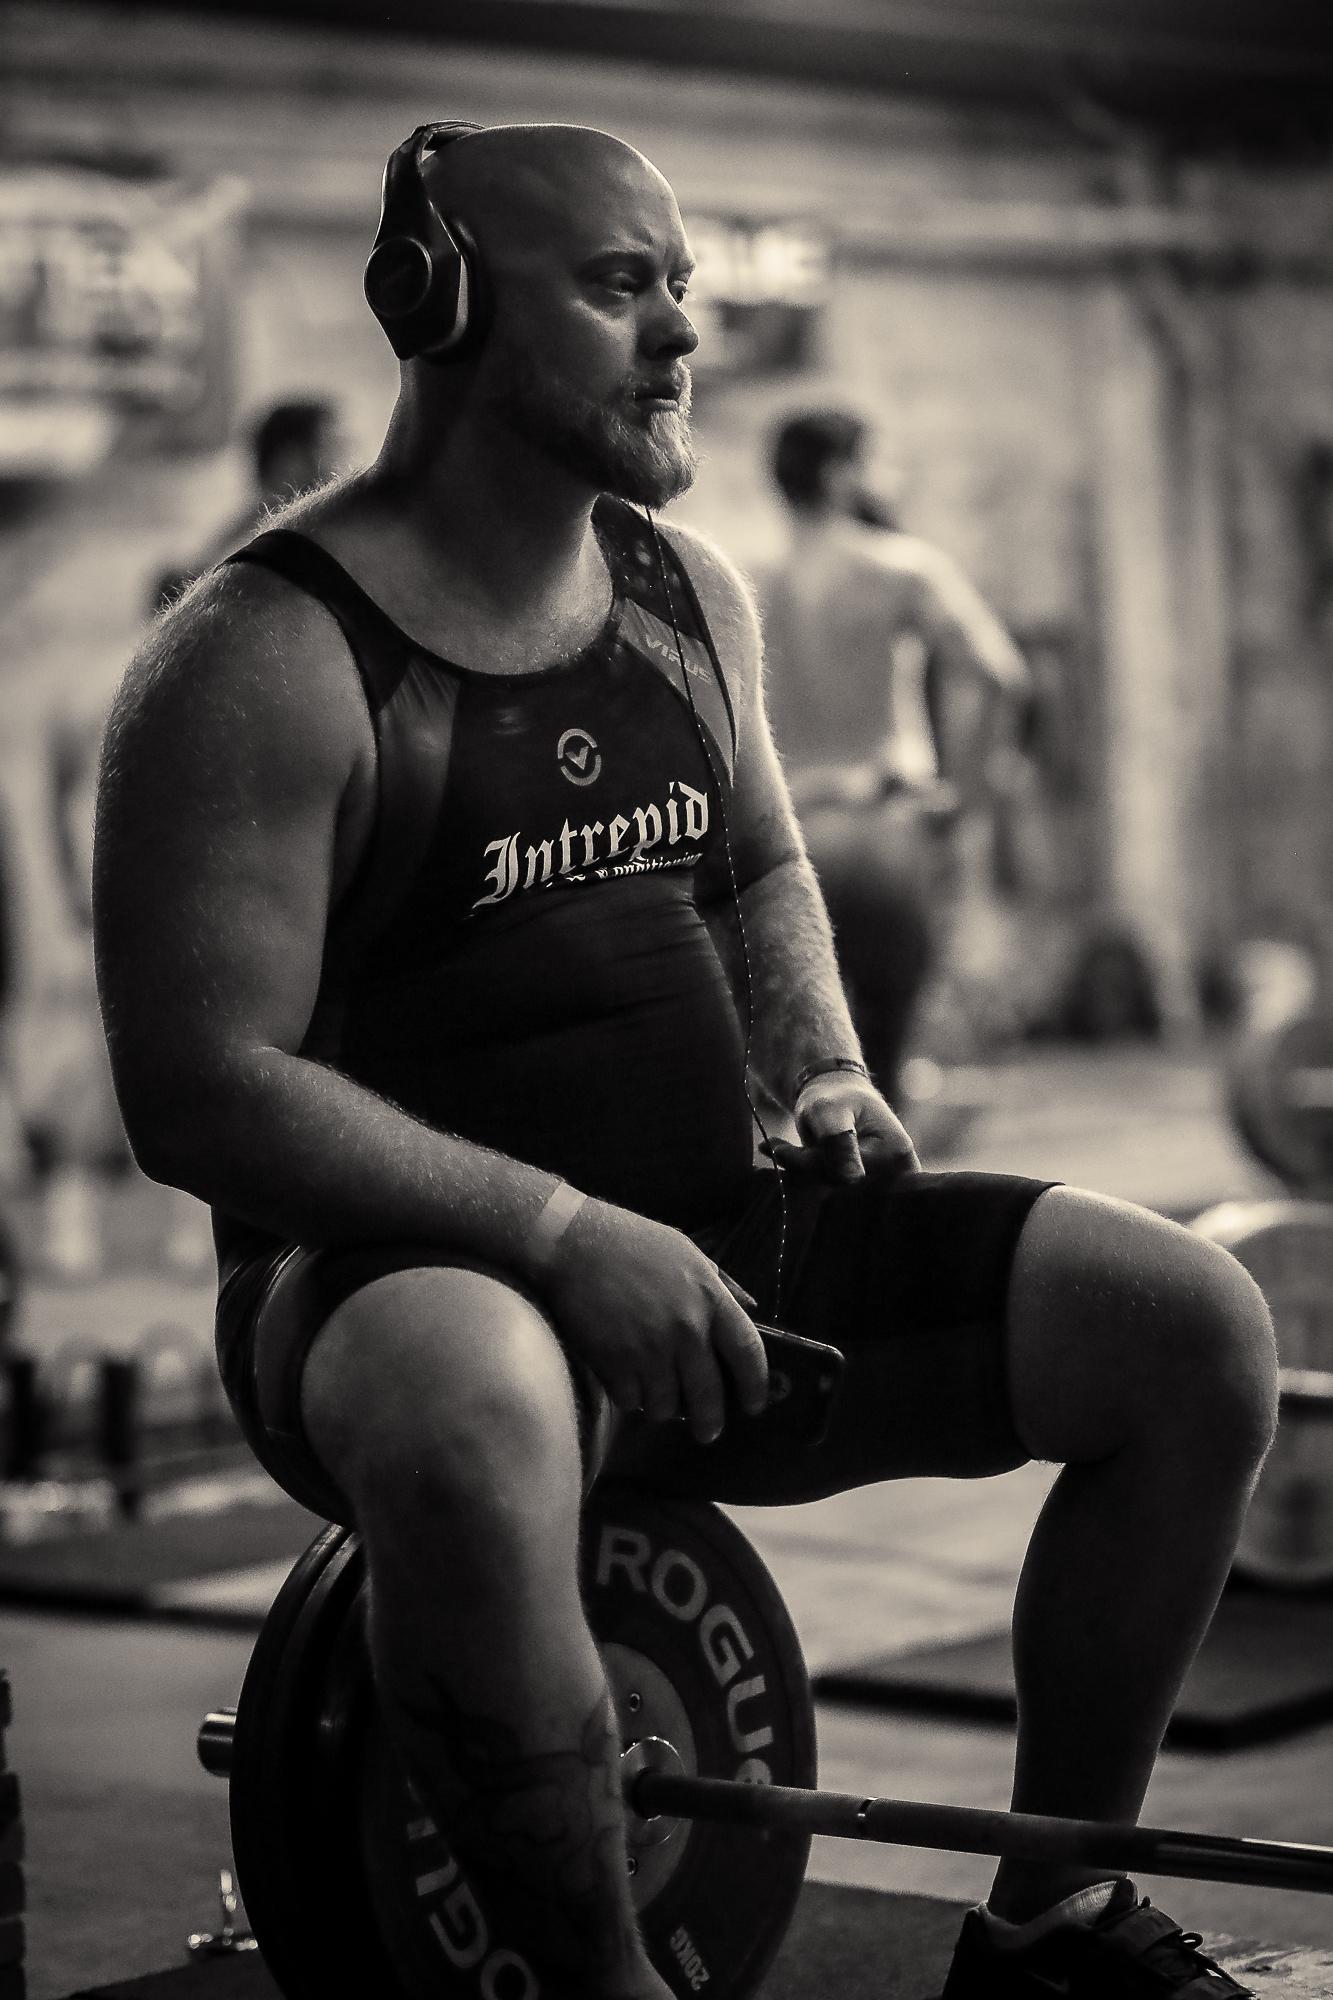 Weightlifter: Ryan